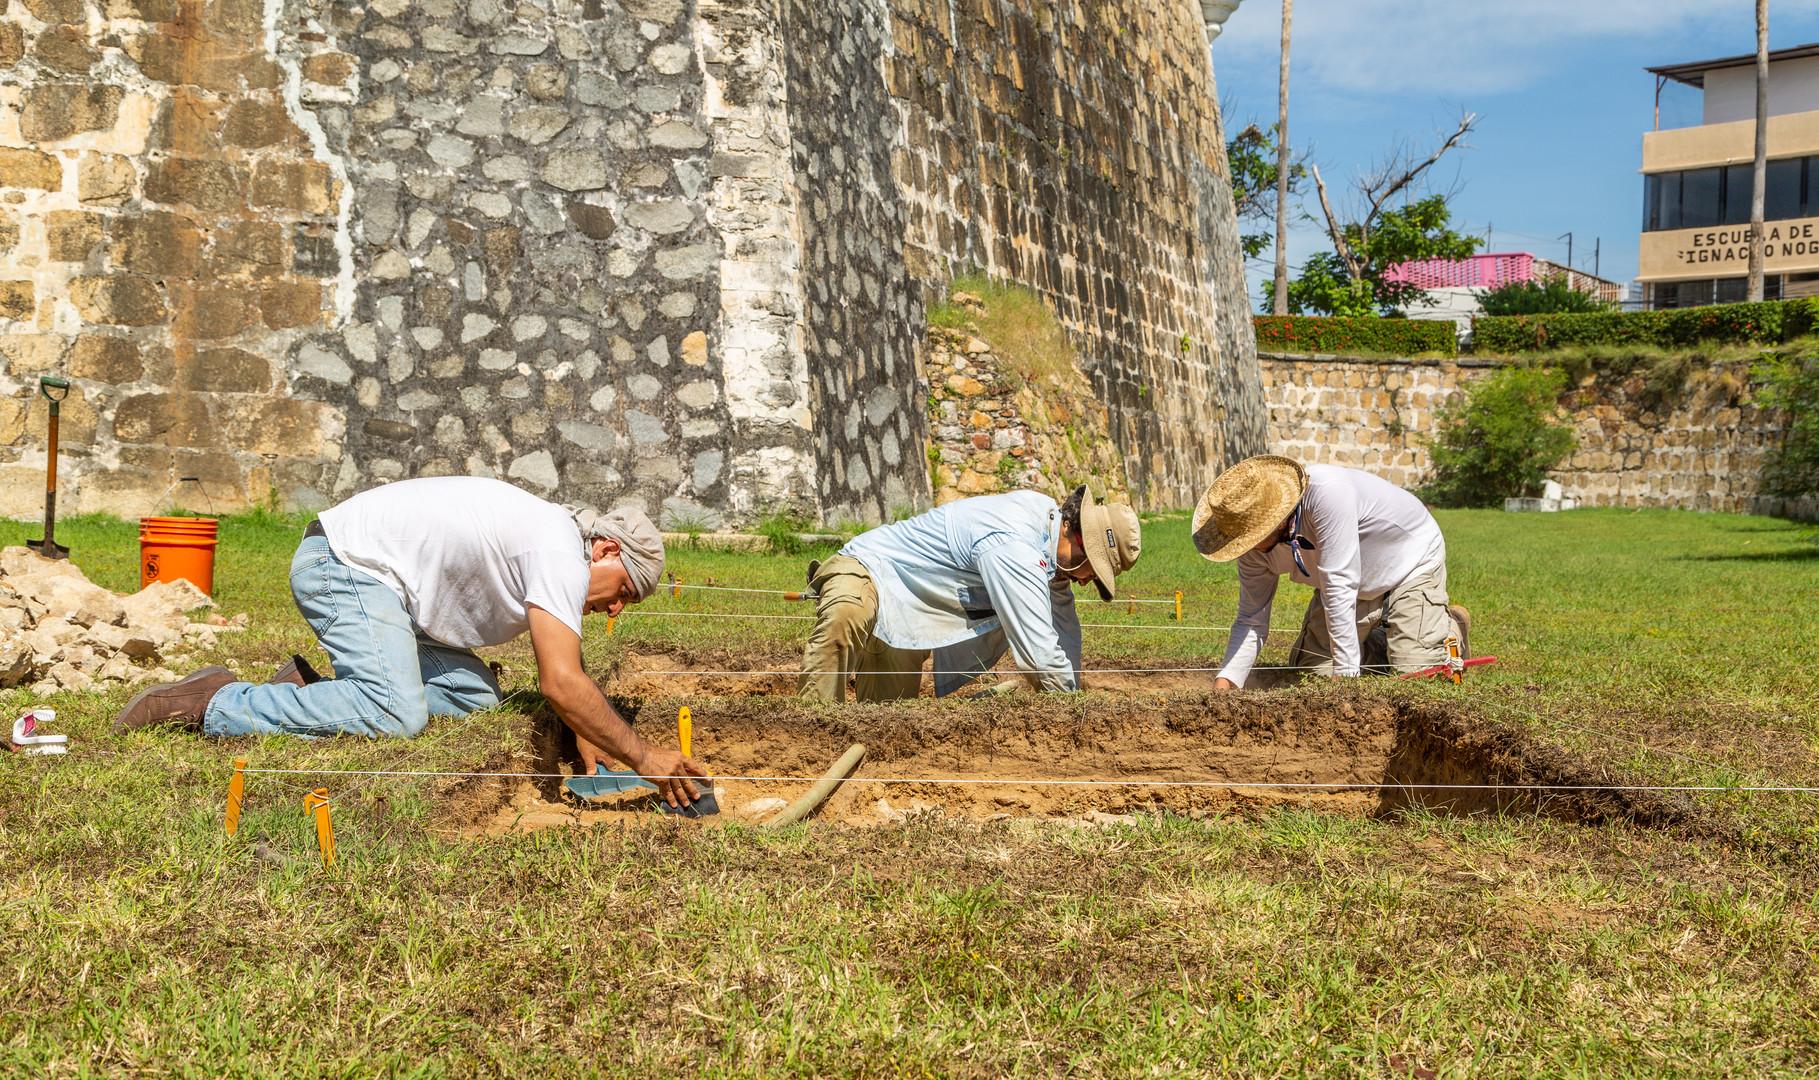 """Arqueólogos excavando en el fuerte de San Diego, Acapulco. Proyecto """"Arqueología Marítima en el Puerto de Acapulco"""". Foto por Alberto Soto SAS/INAH"""